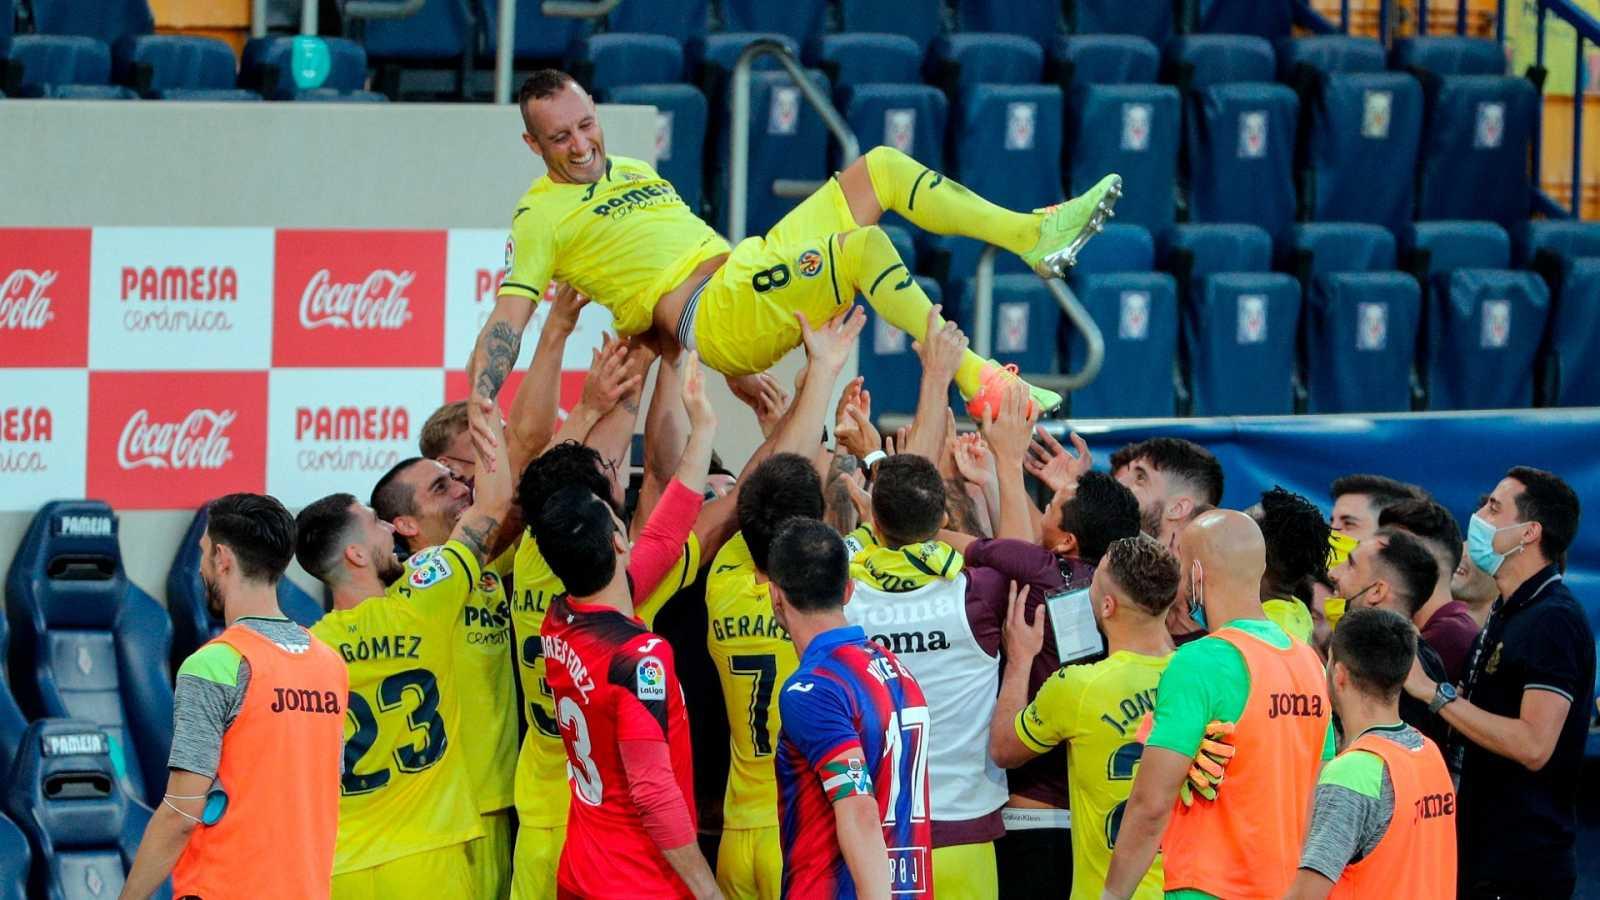 Los jugadores del Villarreal, mantean a su compañero Santi Cazorla, que abandona el club